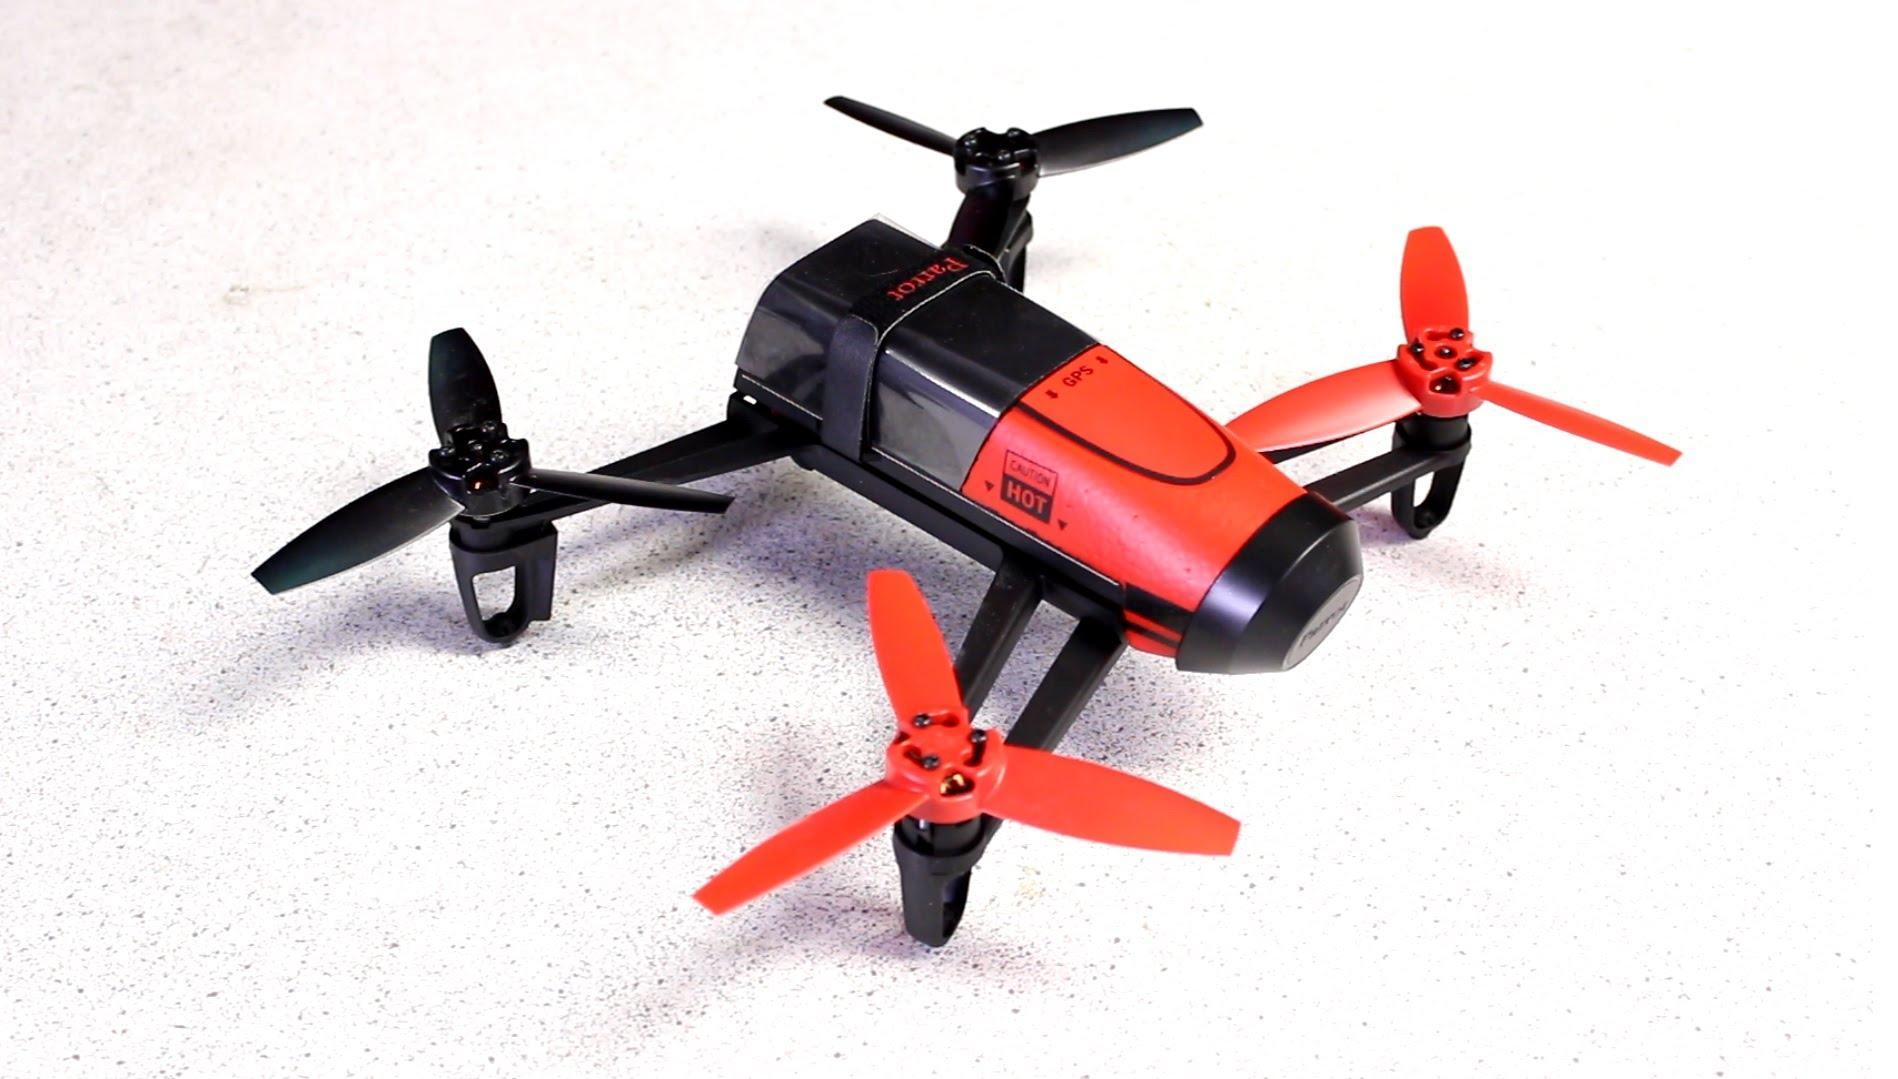 Jusqu'à 40% de réduction immédiate sur une sélection de produits - Ex : Drone Parrot Be-bop